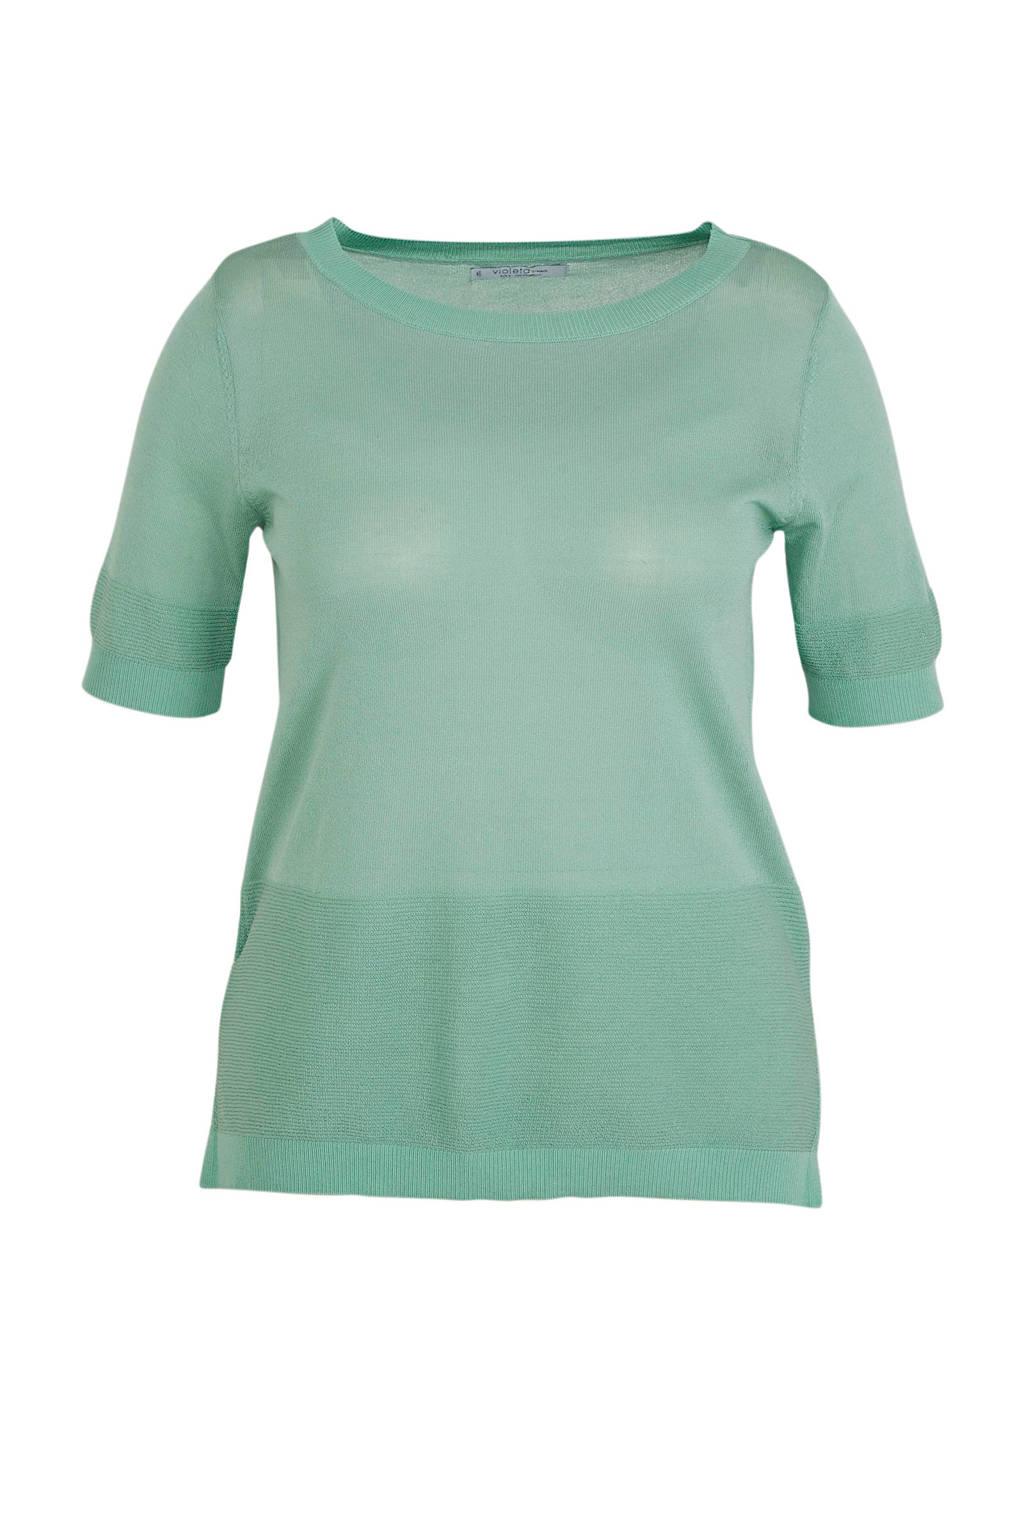 Violeta by Mango fijngebreide trui met textuur turquoise, Turquoise